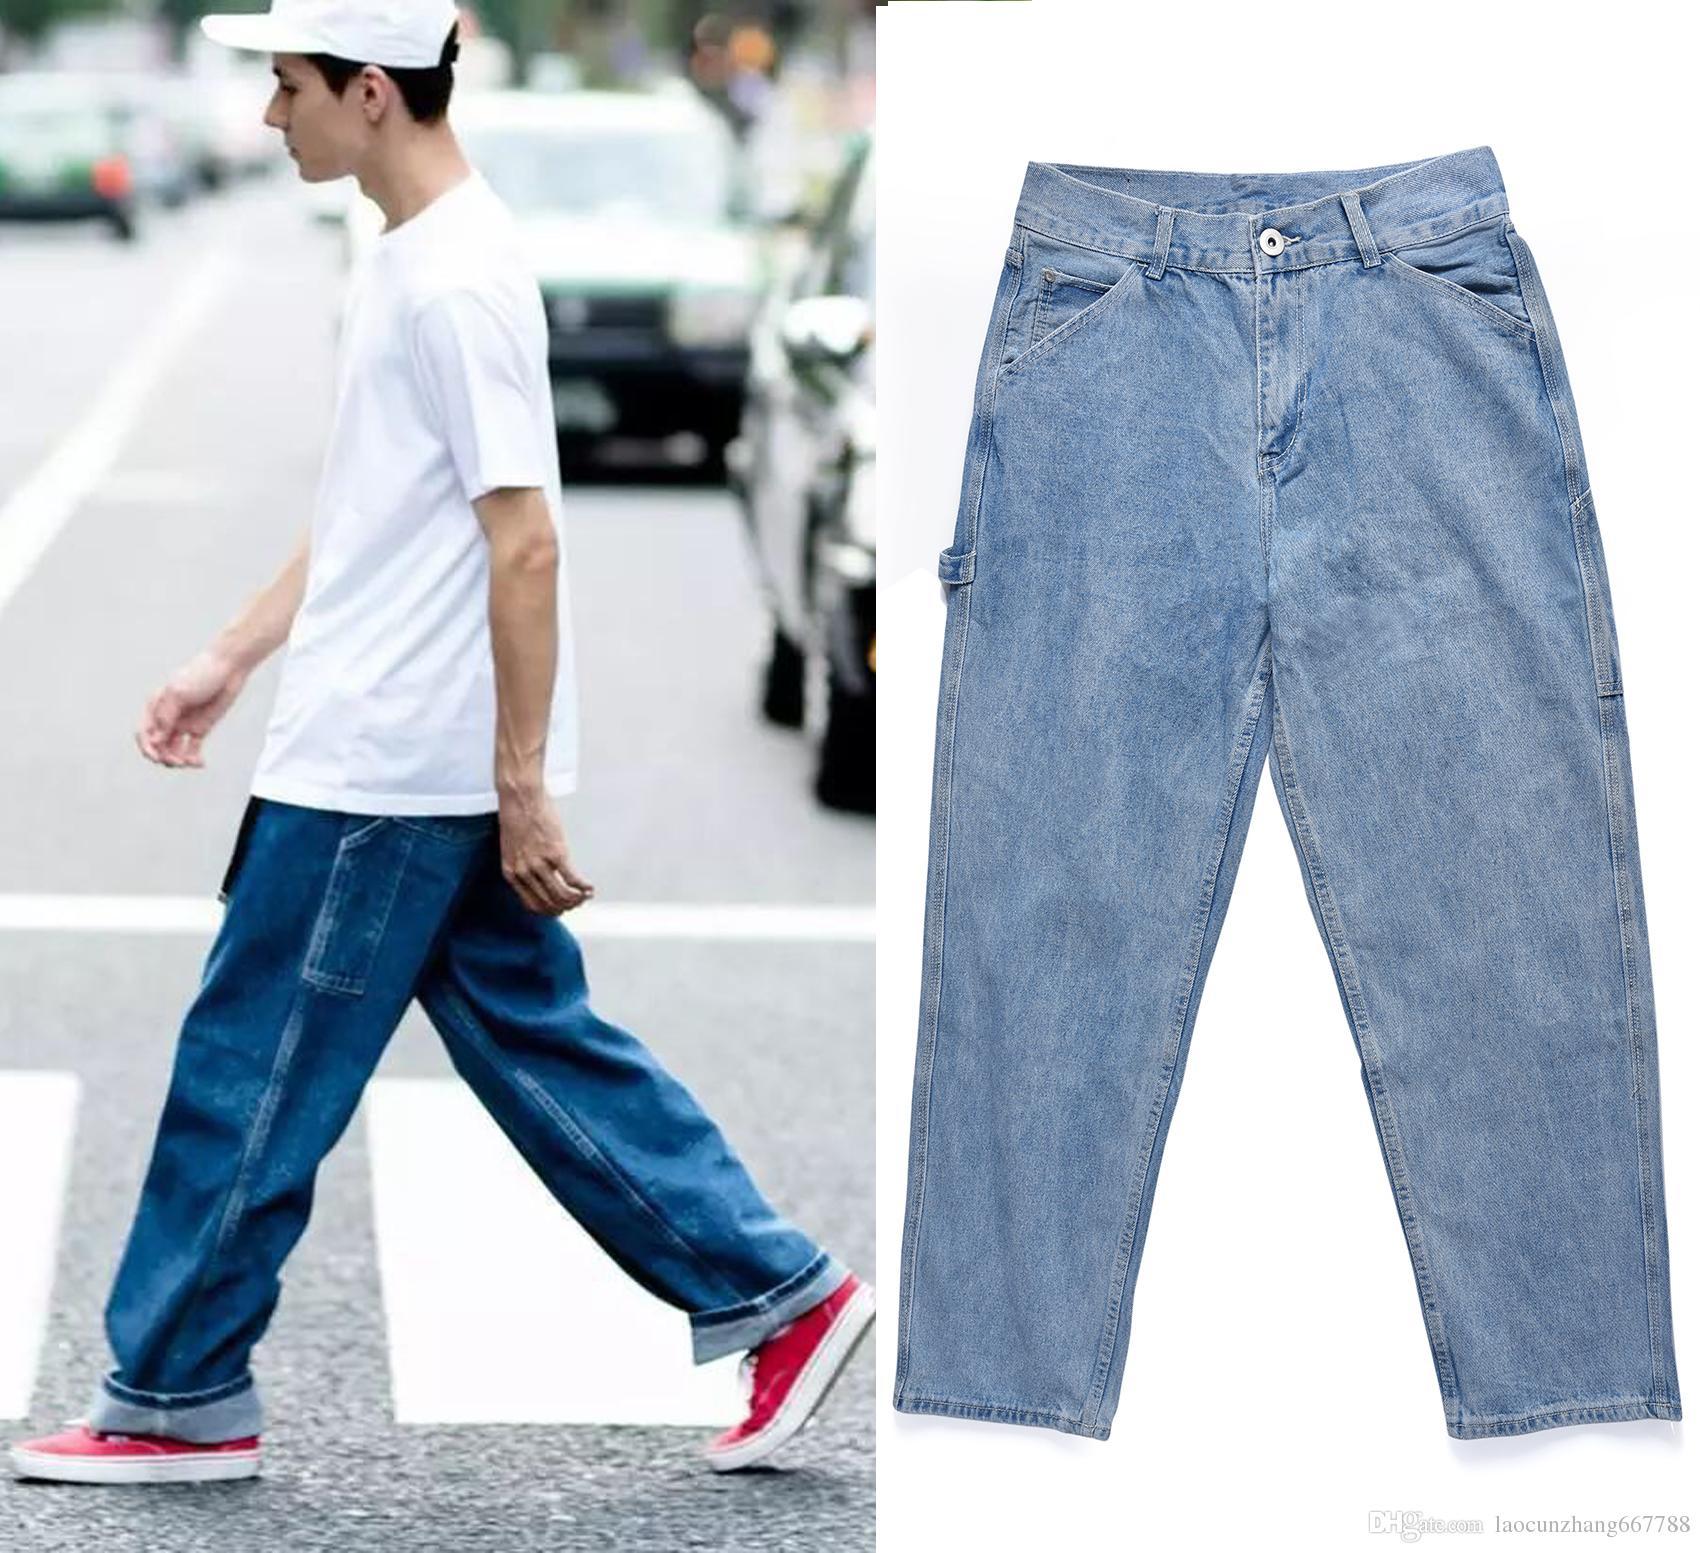 Compre 2018 Mejor Versión RETRO DENIM BLUE Jeans Hombre Baggy Pantalones De  Hipertrofia Hip Hop Casual Streetwear Jeans De Pierna Ancha Talla 30. 32.  34. d7cc51ebb38